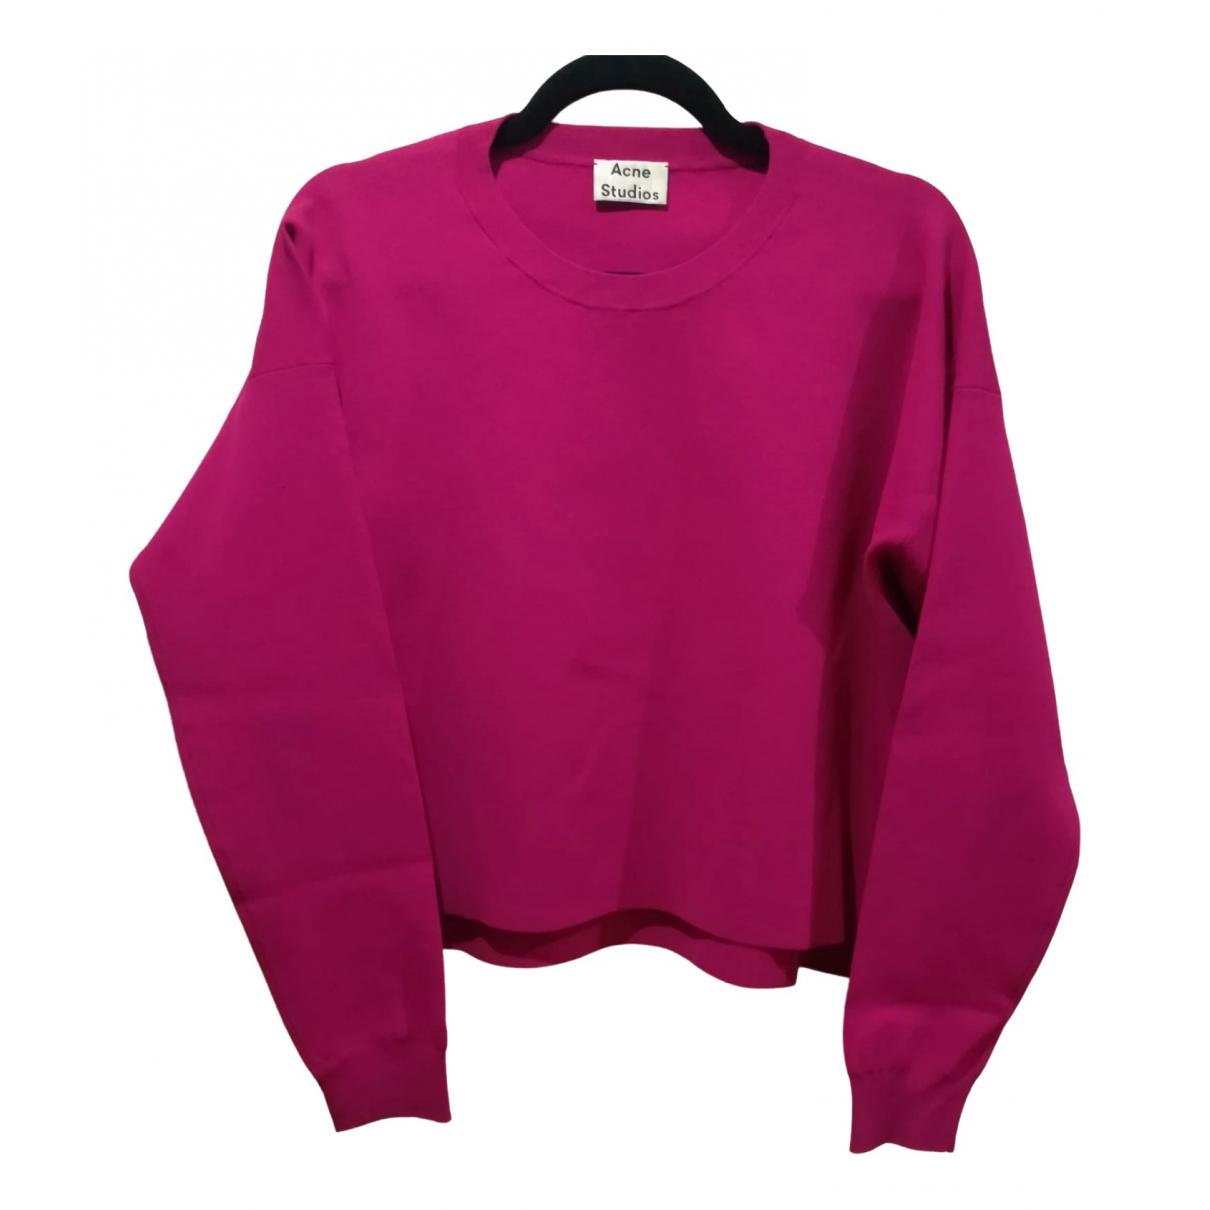 Acne Studios \N Pink Knitwear for Women M International